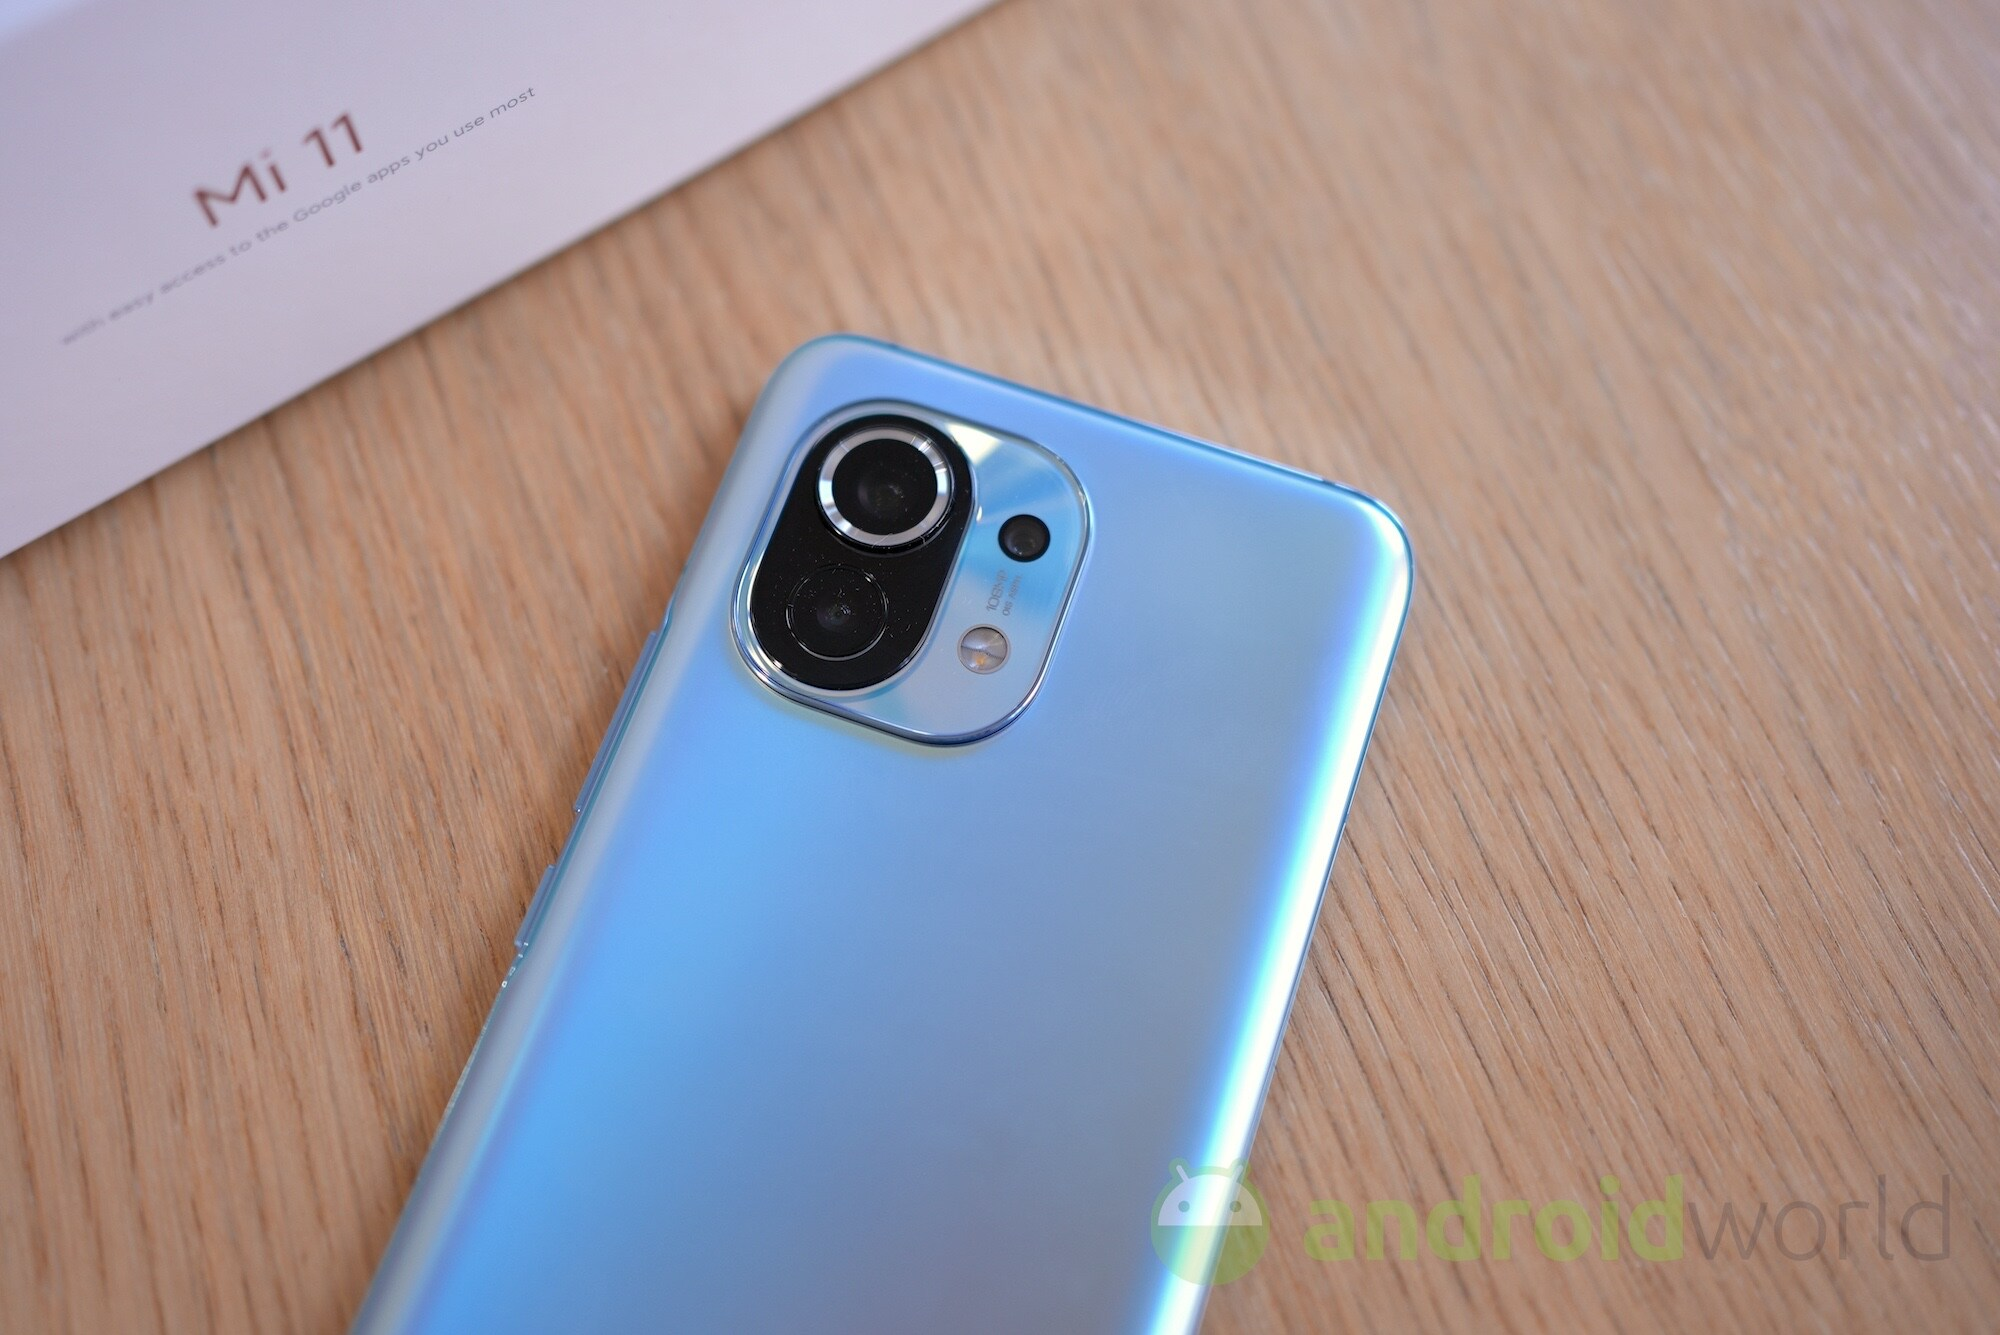 Volete acquistare Xiaomi Mi 11? Ecco un coupon extra da 50€ con la permuta (foto)